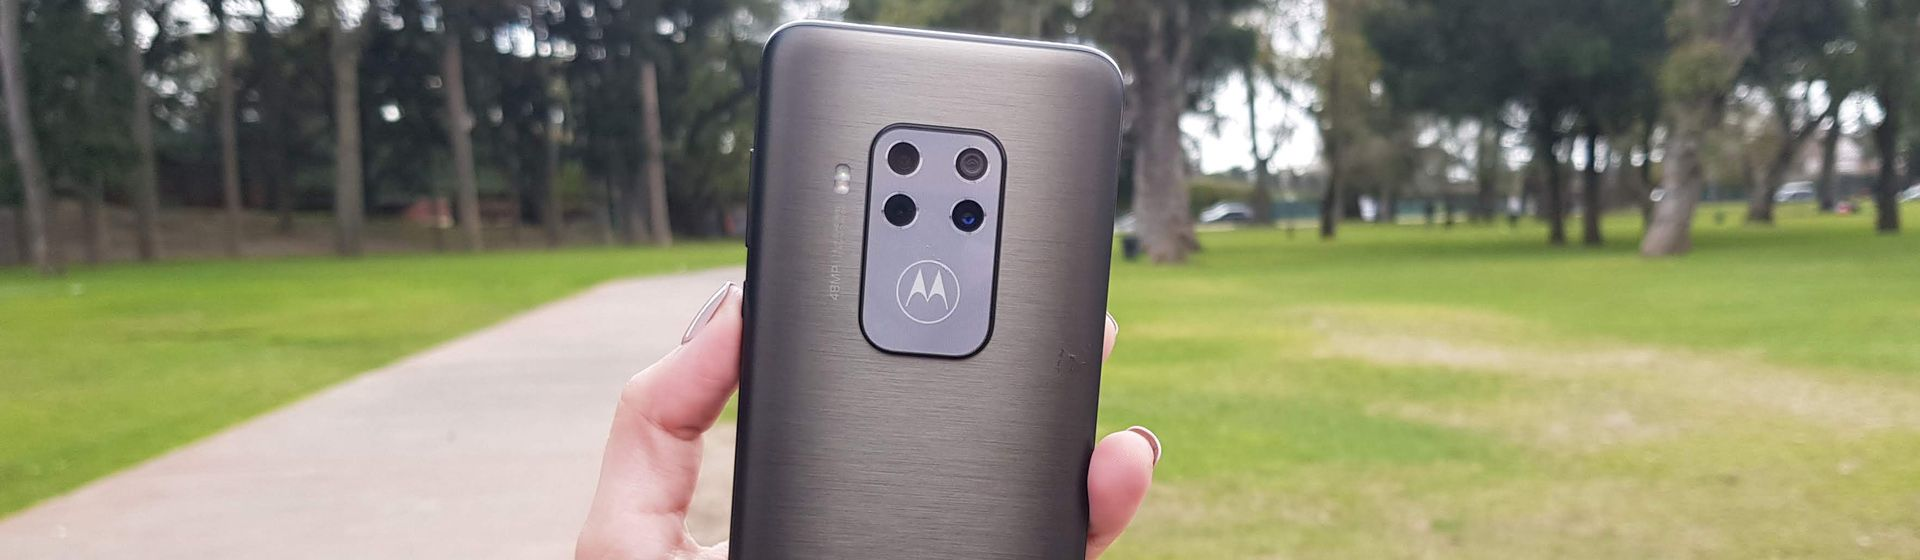 Review Motorola One Zoom: testamos câmeras, desempenho e bateria